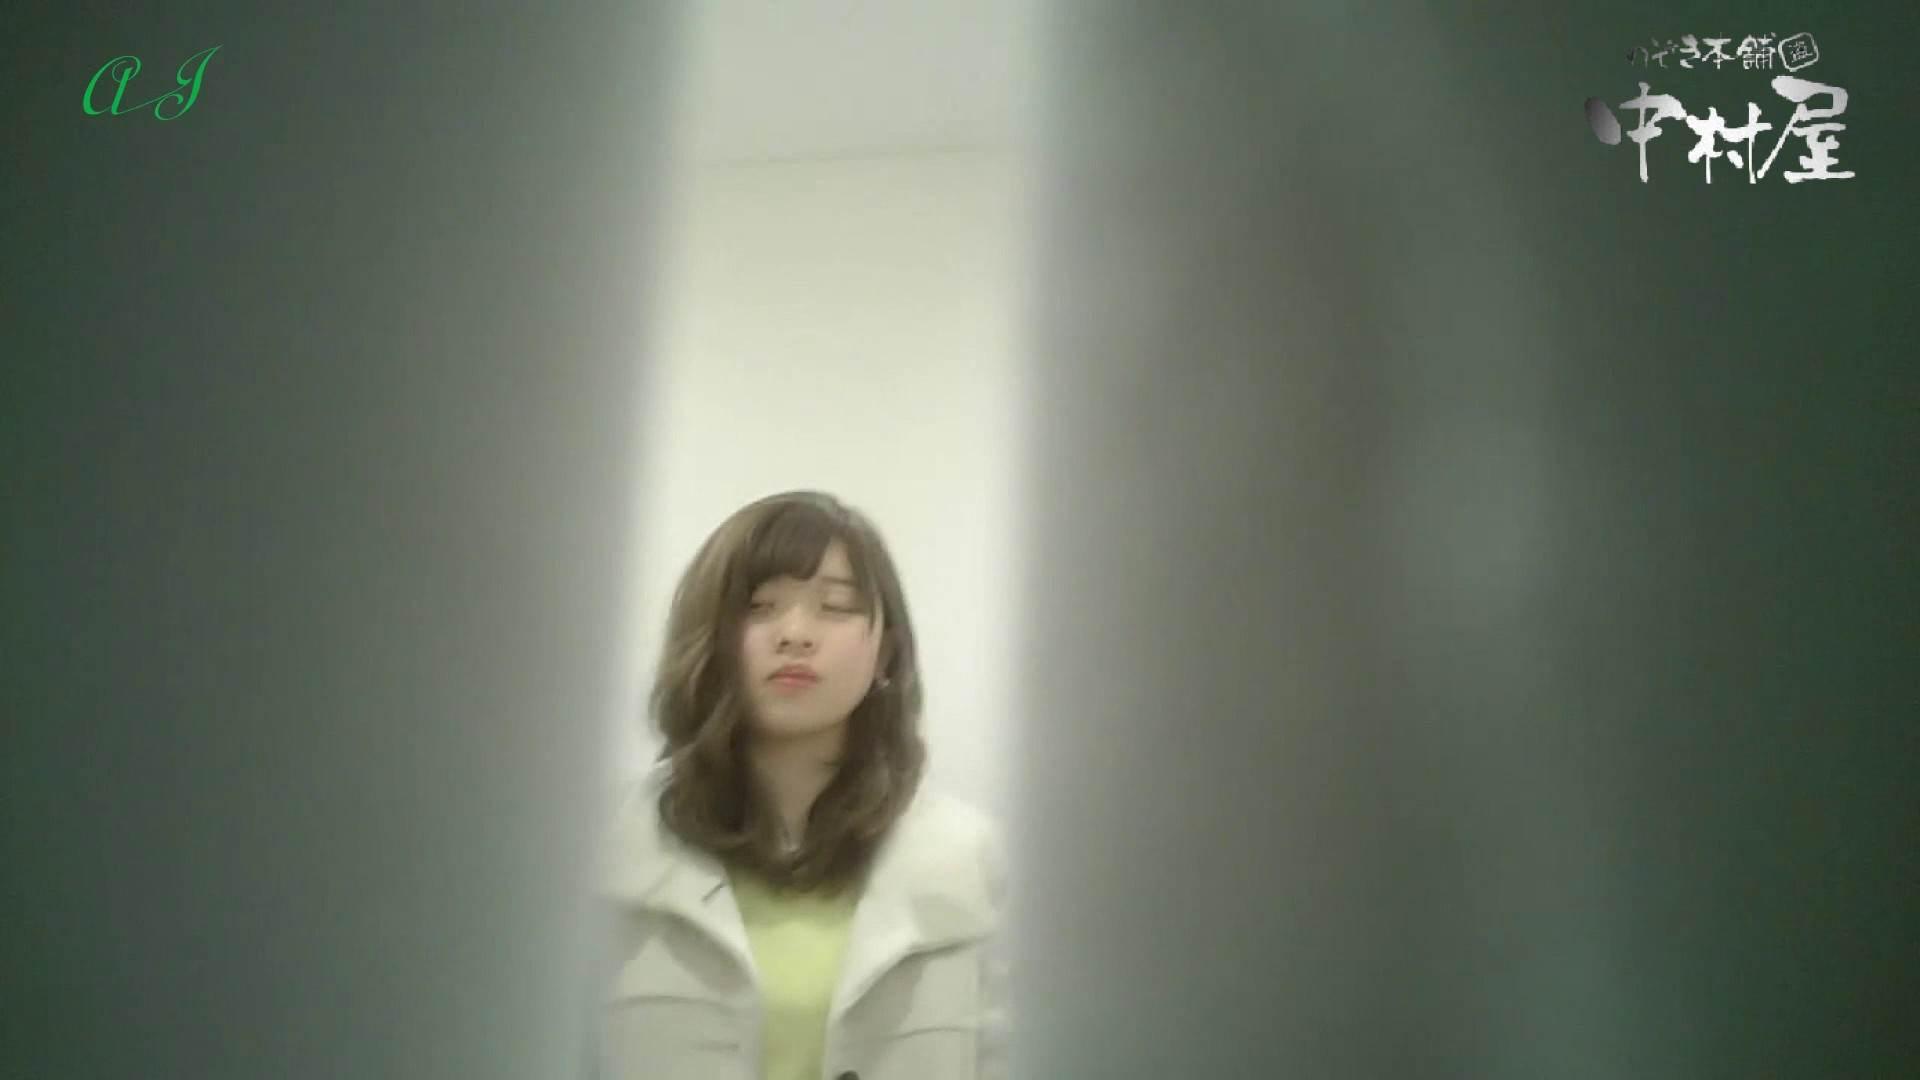 有名大学女性洗面所 vol.61 お久しぶりです。美しい物を美しく撮れました HなOL | 投稿  96pic 96